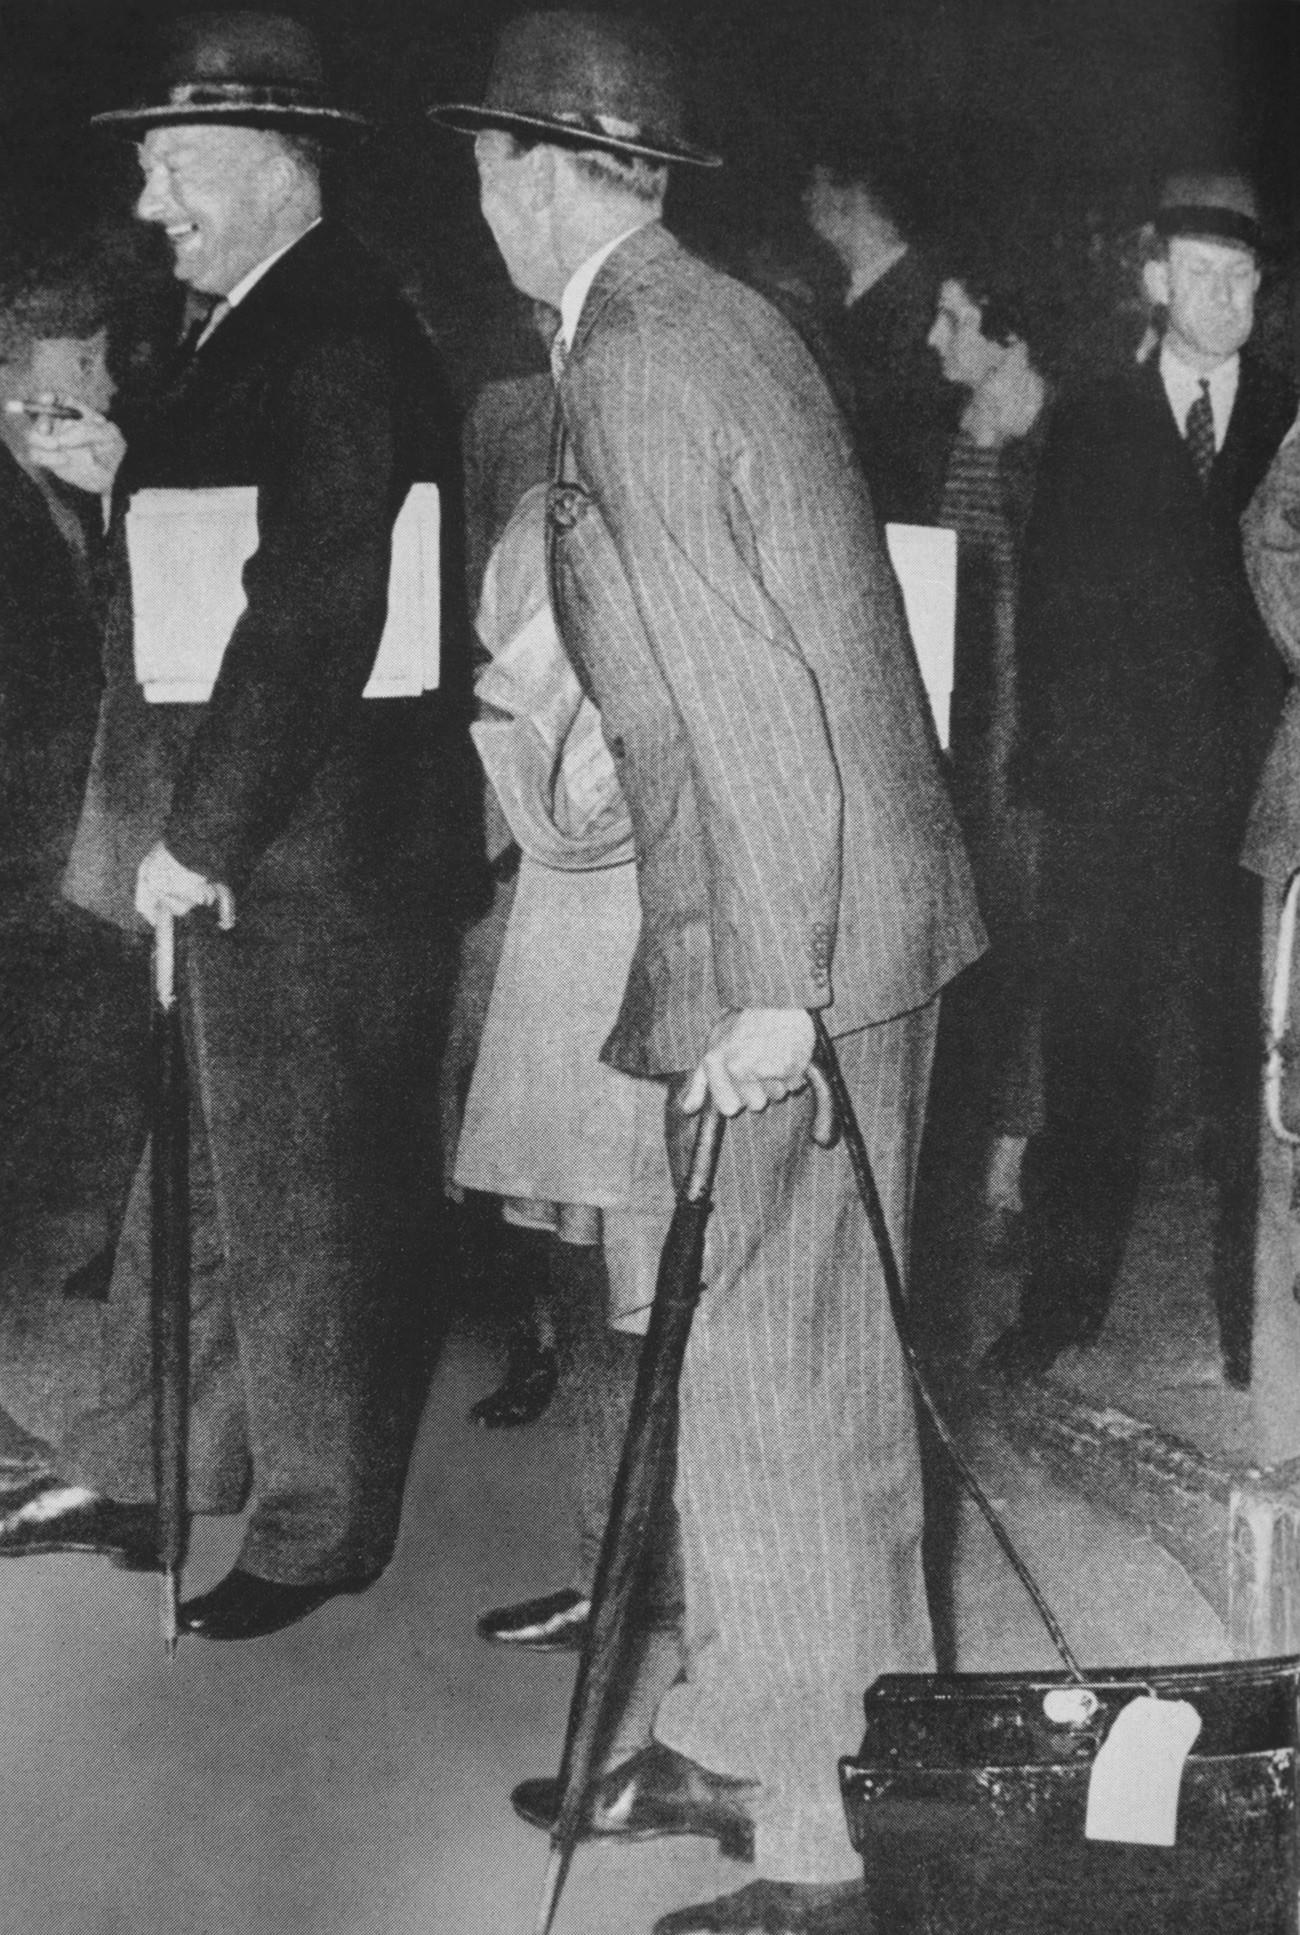 На почетокот на август 1939 година во Москва допатуваа англиската и француската воена мисија за преговори со Советскиот Сојуз. На фотографијата се адмирал Реџиналд Дркас и генералот Жозеф Думан.